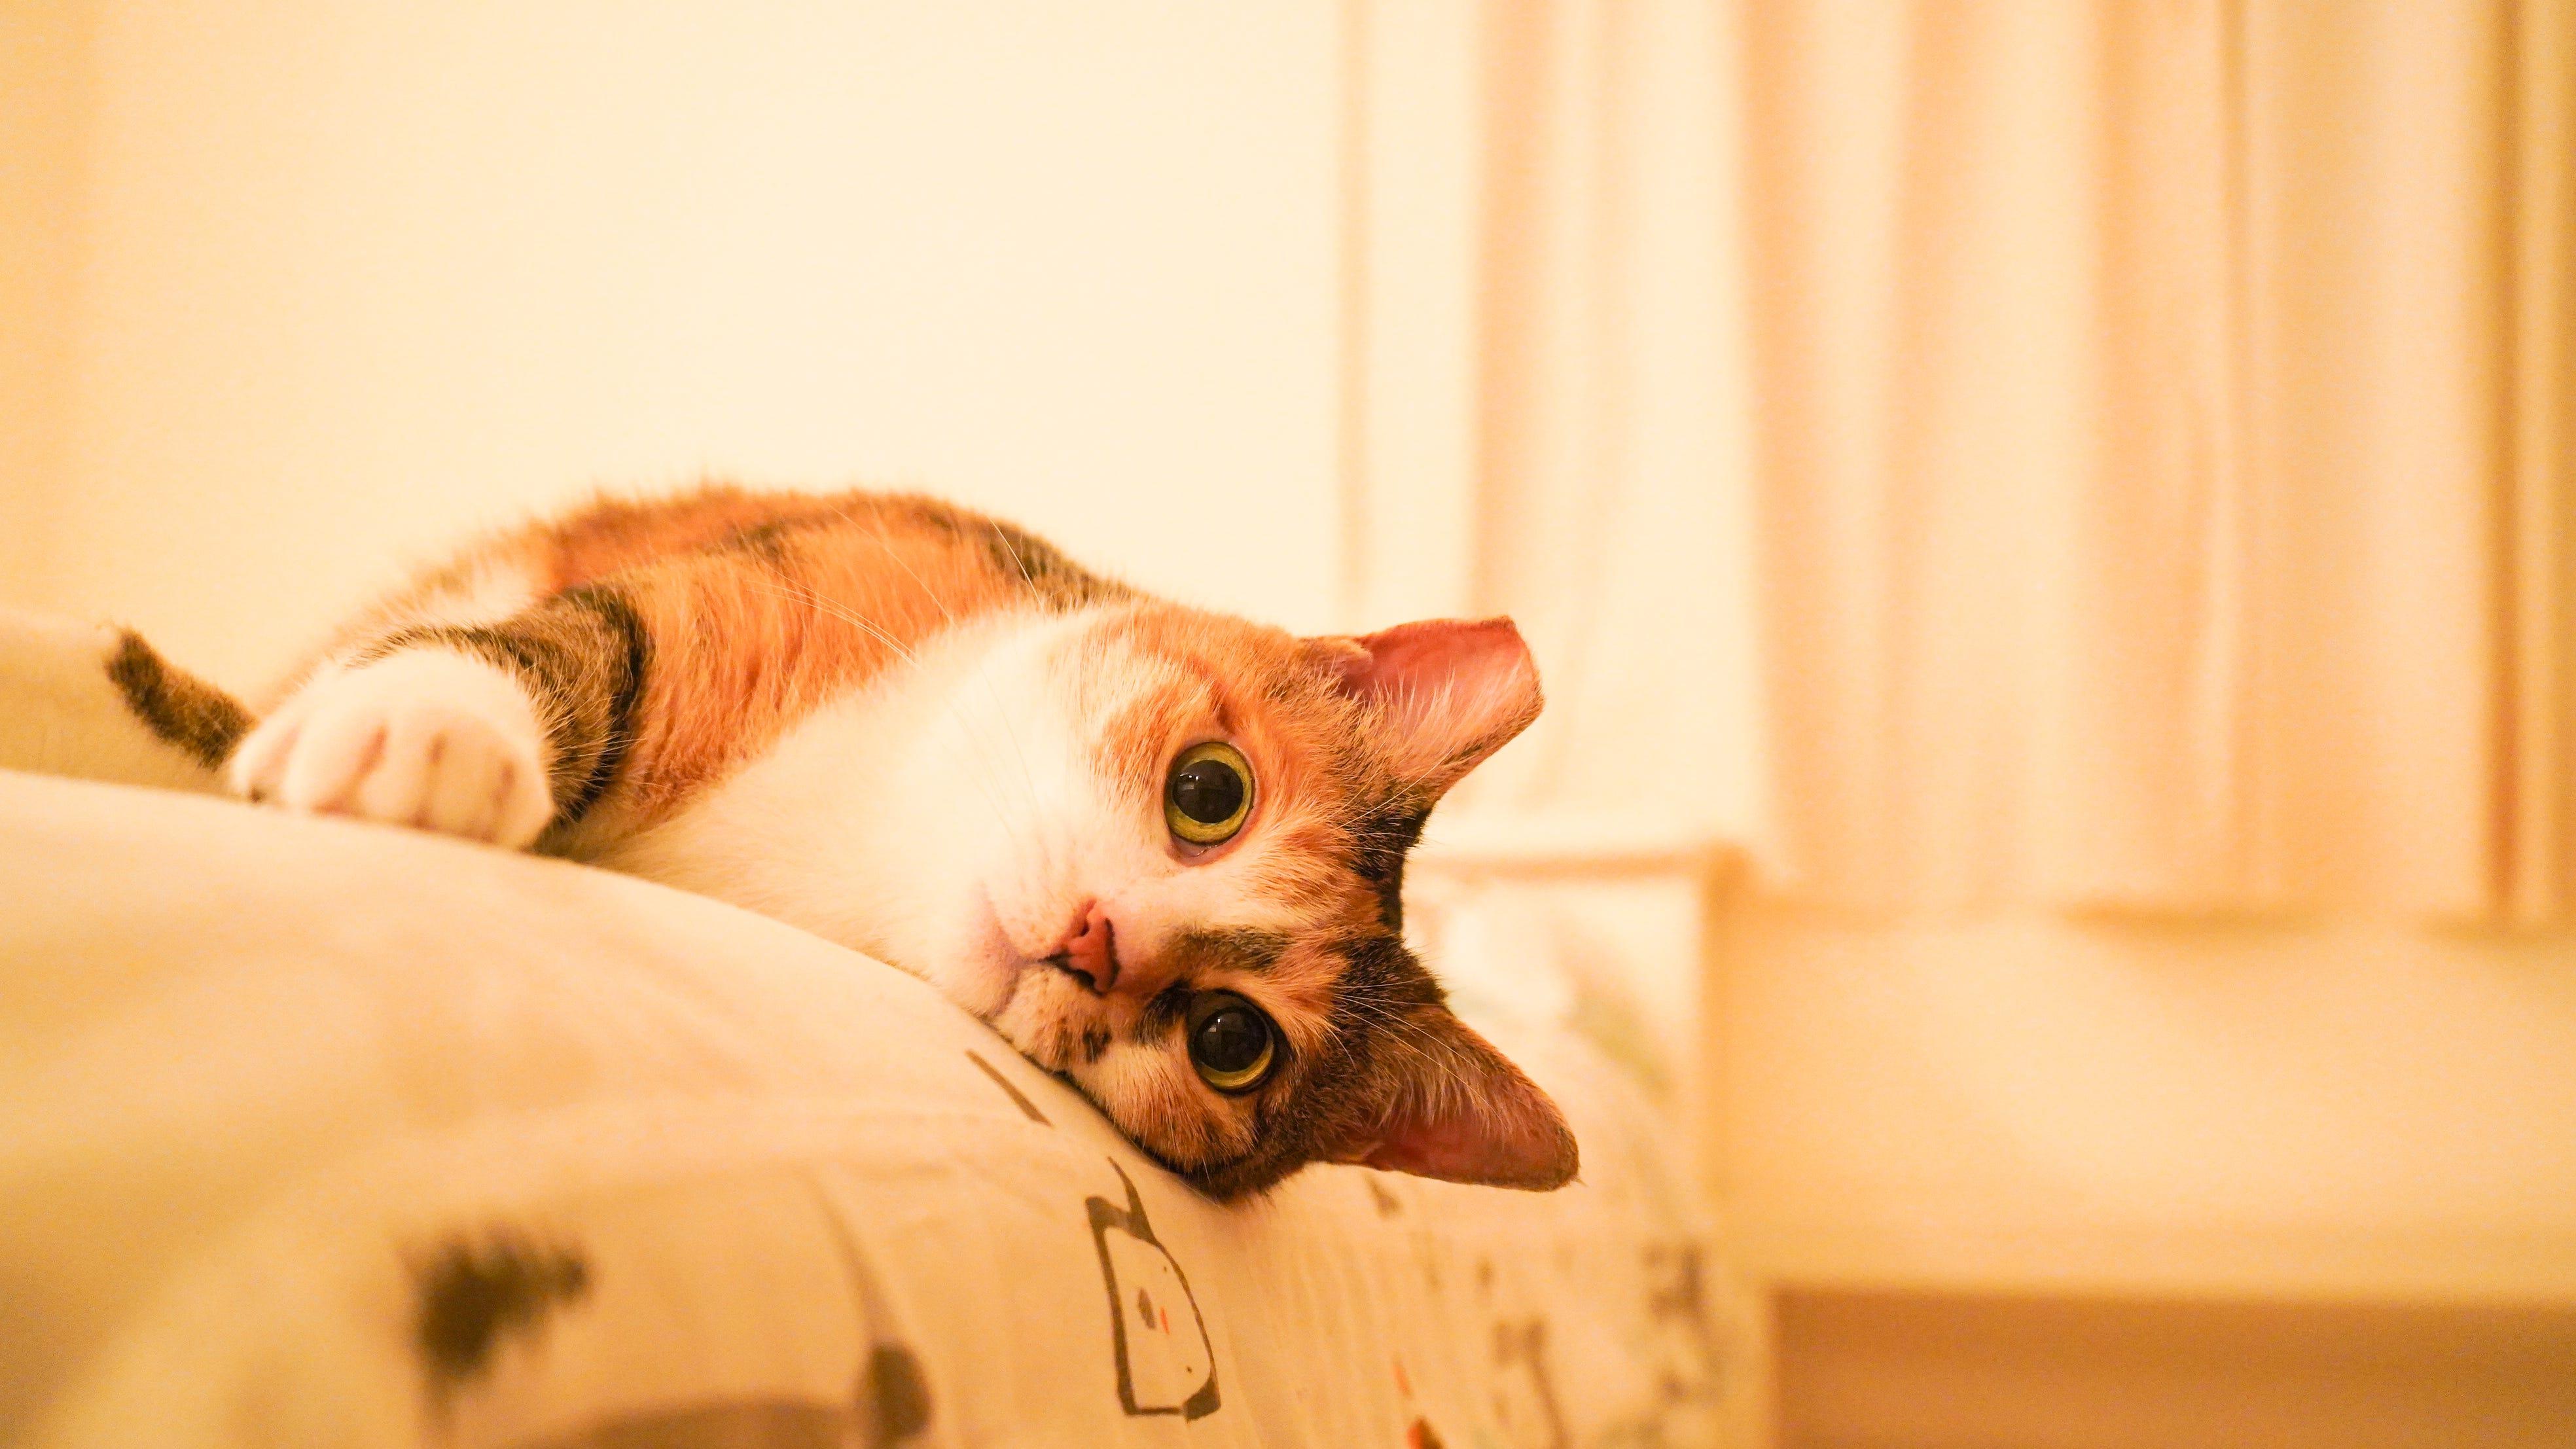 陪貓咪一起治療小腎臟. 貓咪腎病 腎臟病 腎病治療 肌酸酐 血中尿素氮 SDMA   by 養貓之後日日一身毛   Medium